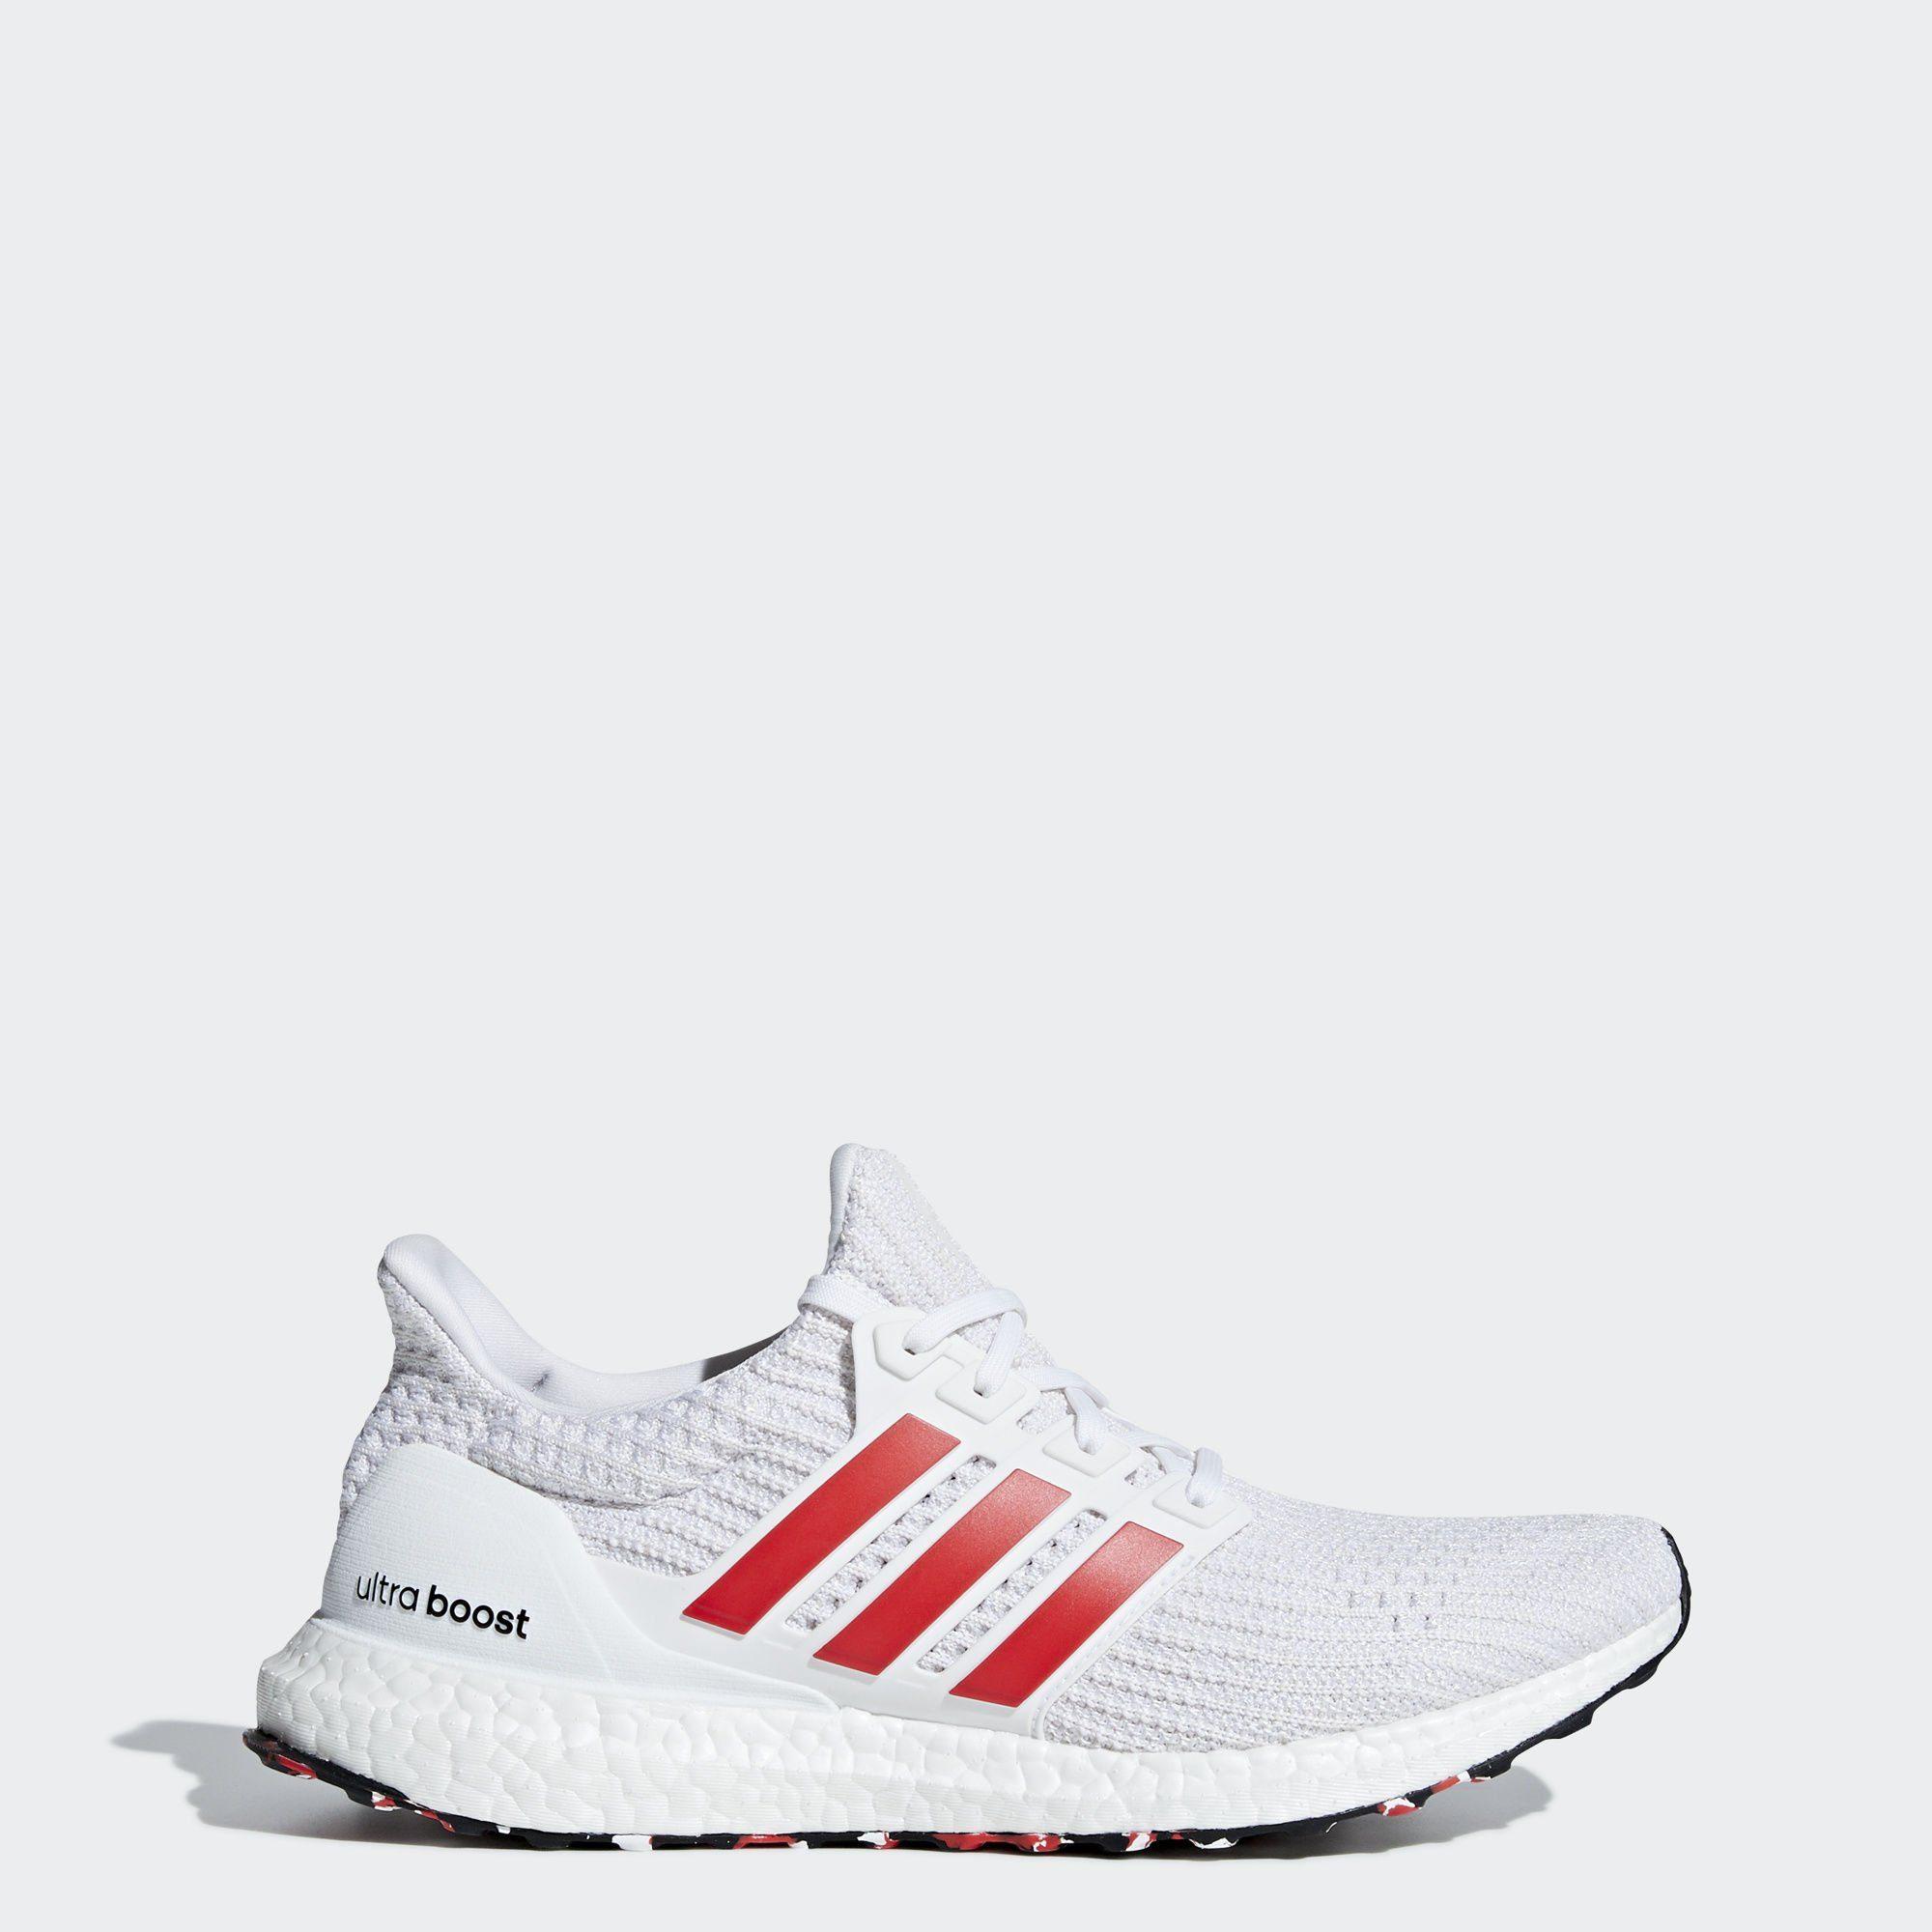 LaufschuhRegulär Online KaufenOtto Performance »ultraboost Schuh« Adidas Geschnitten ynOPNm0v8w